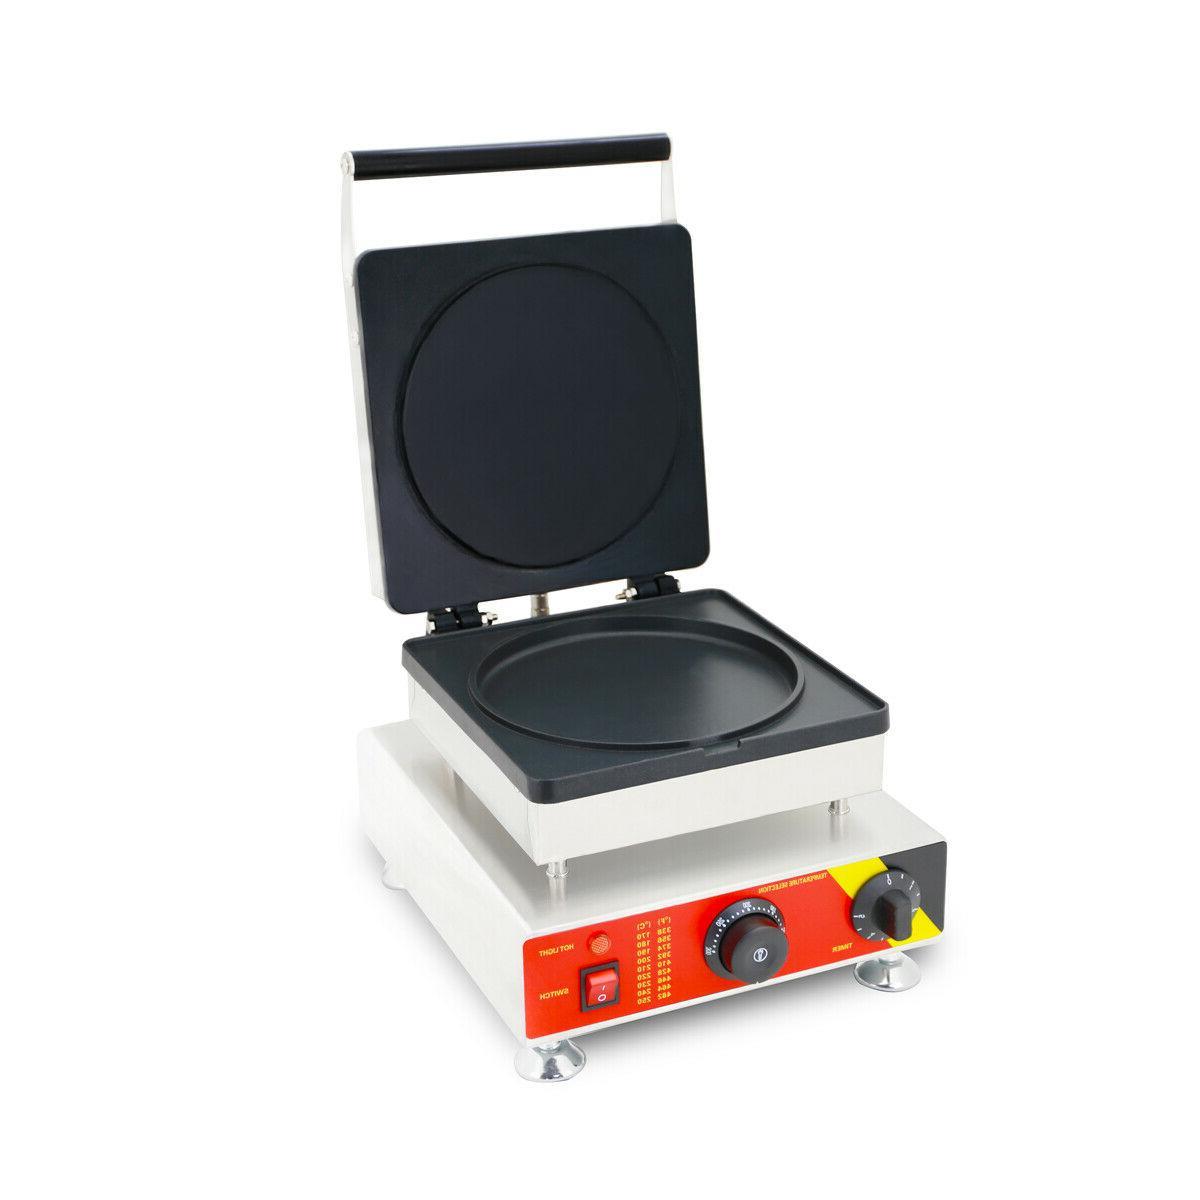 INTBUYING Nonstick Electric Round Pancake Machine